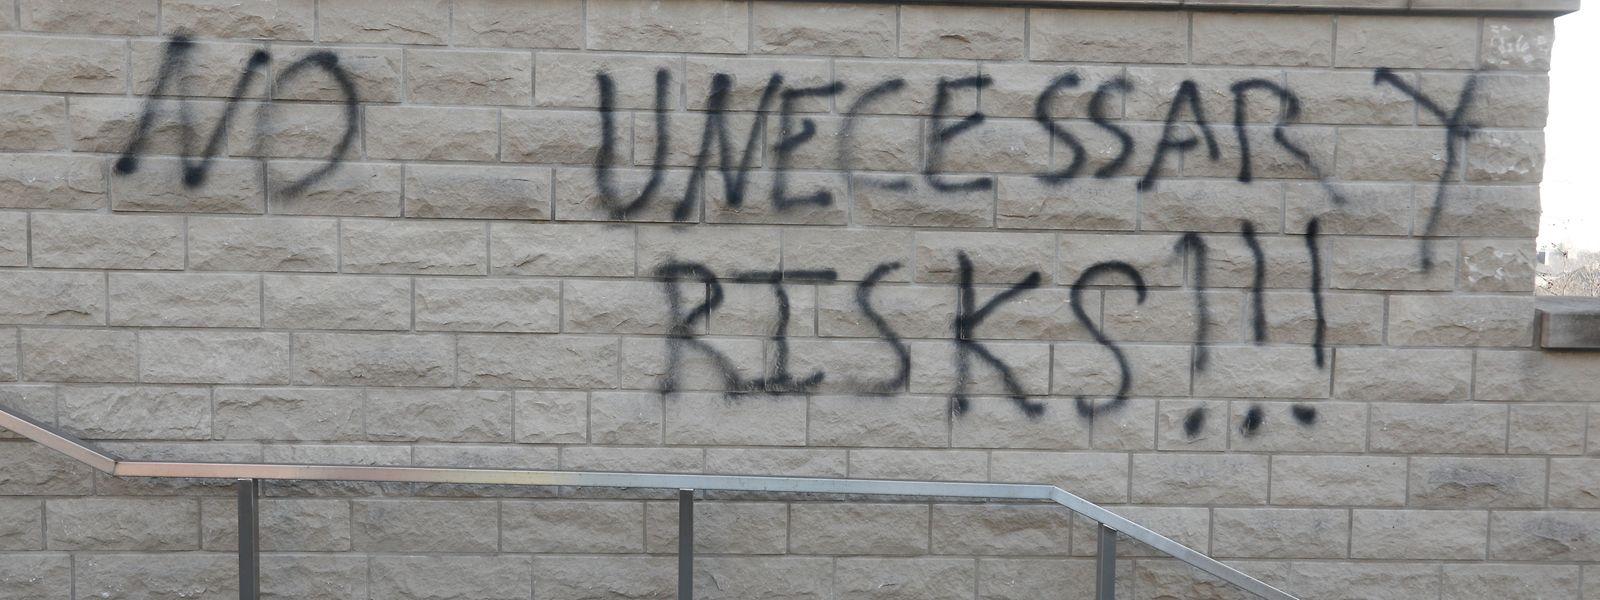 """Vorerst unbekannte Täter haben Graffitis mit Schriftzügen wie """"No unecessary (sic!) risks!"""" und """"We are not your puppets"""" an der Sporthalle des Athénee angebracht."""